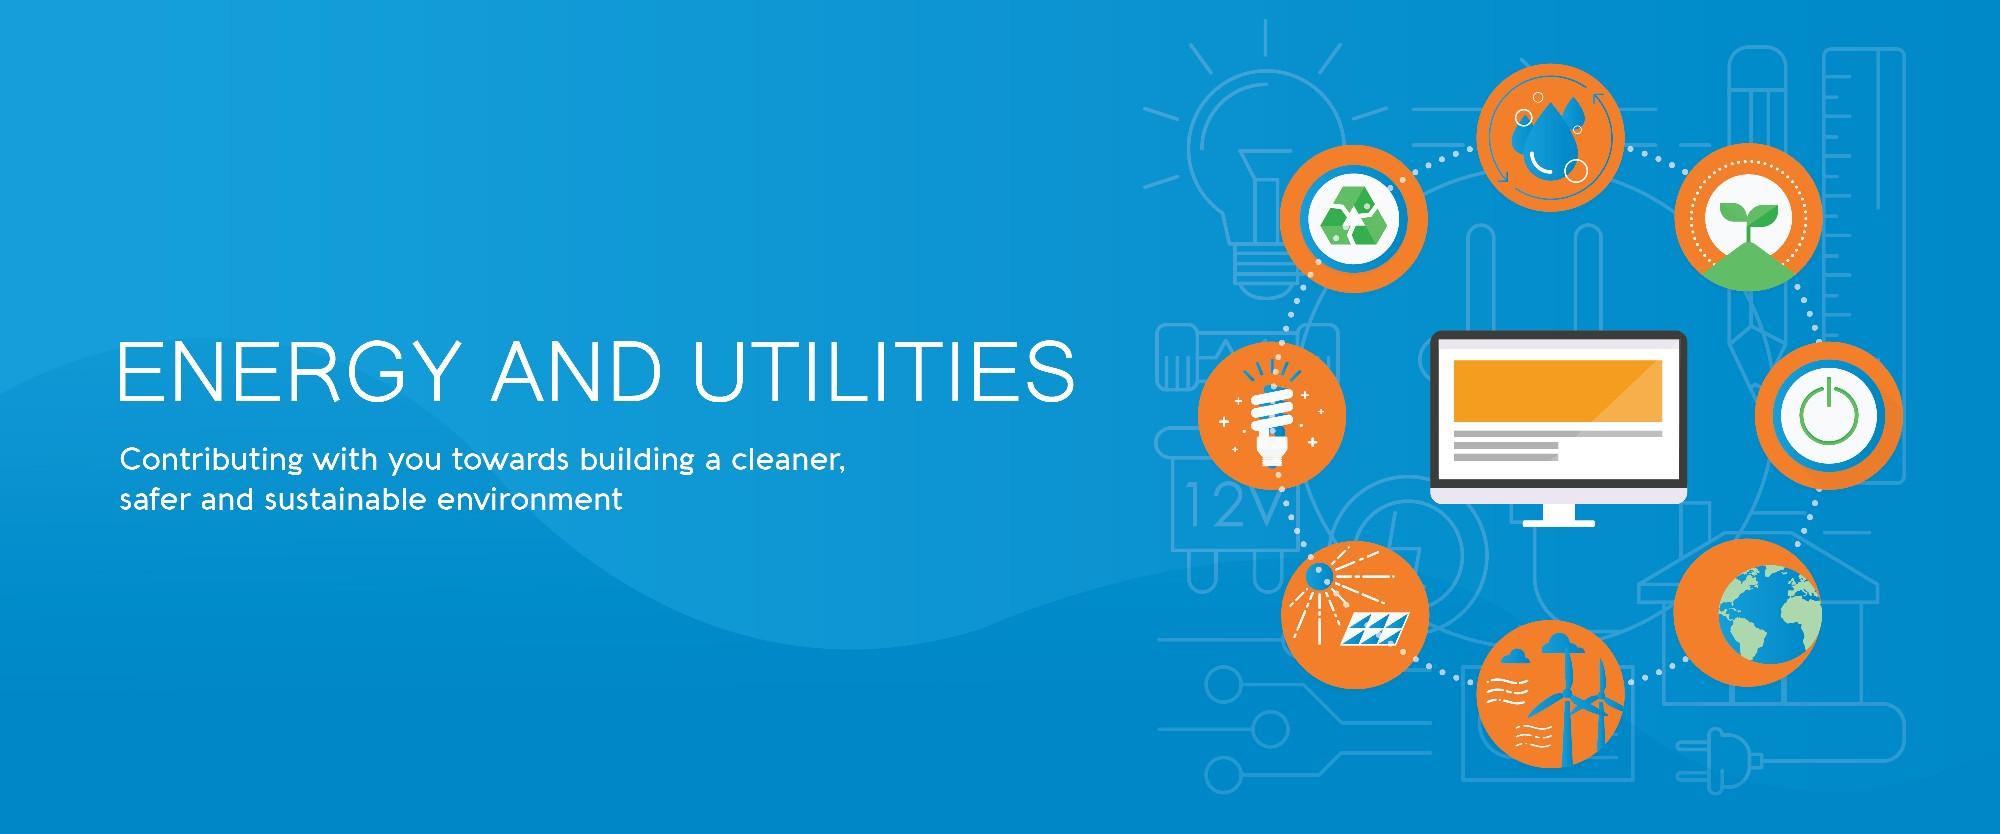 5.Energy and Utilities-01